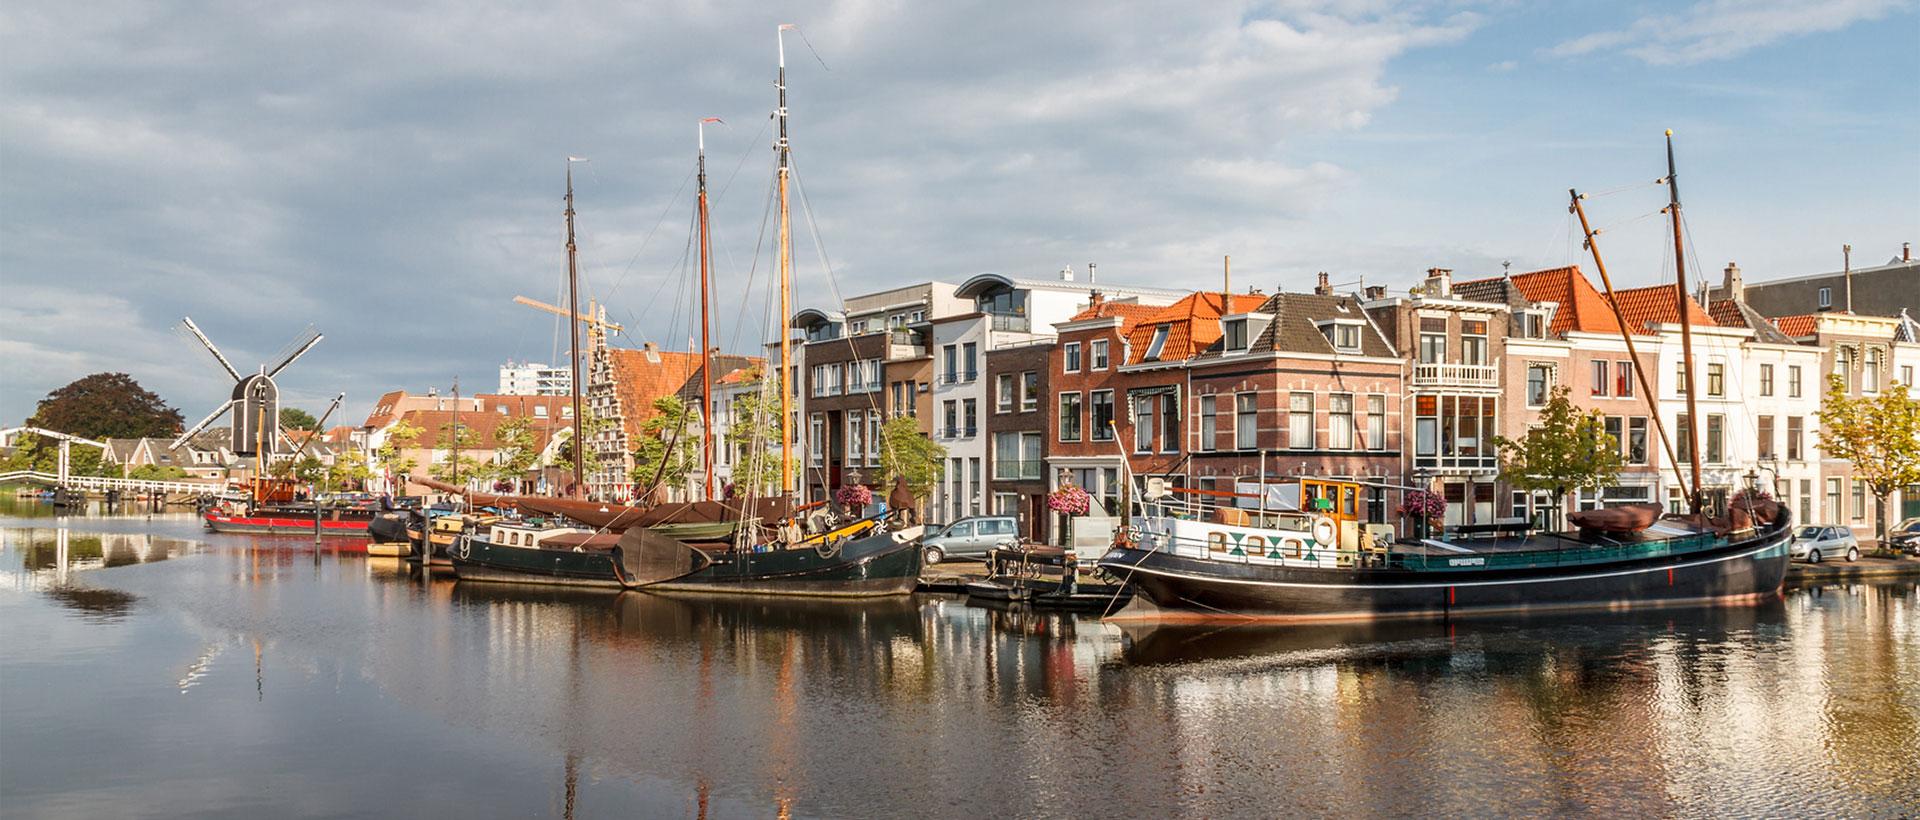 Лейден в Голландии